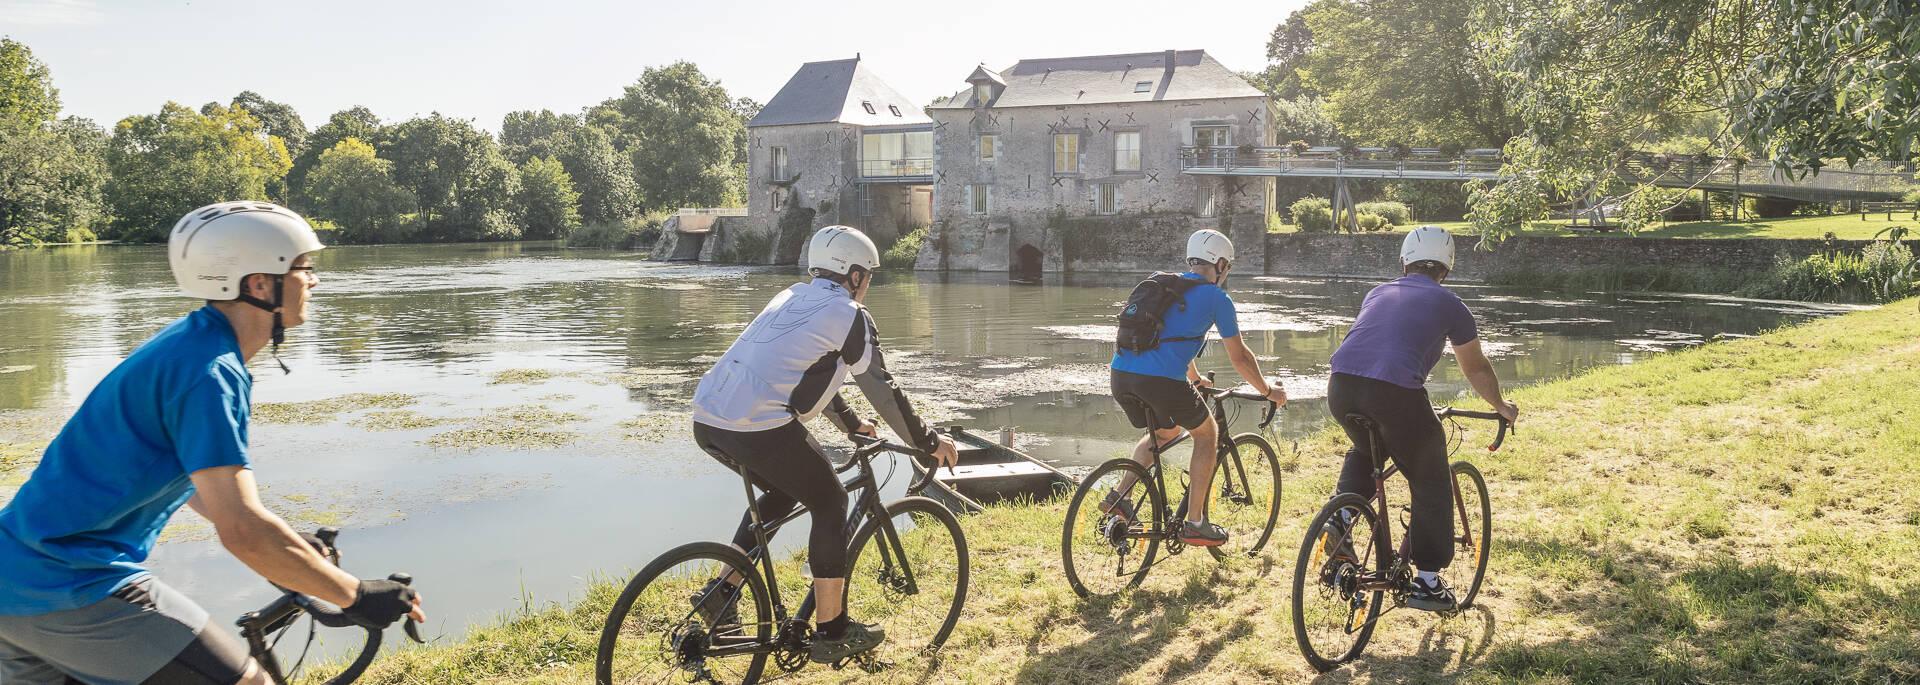 Angers Gravel Tour dans les basses vallées angevines à Rives du Loir en Anjou